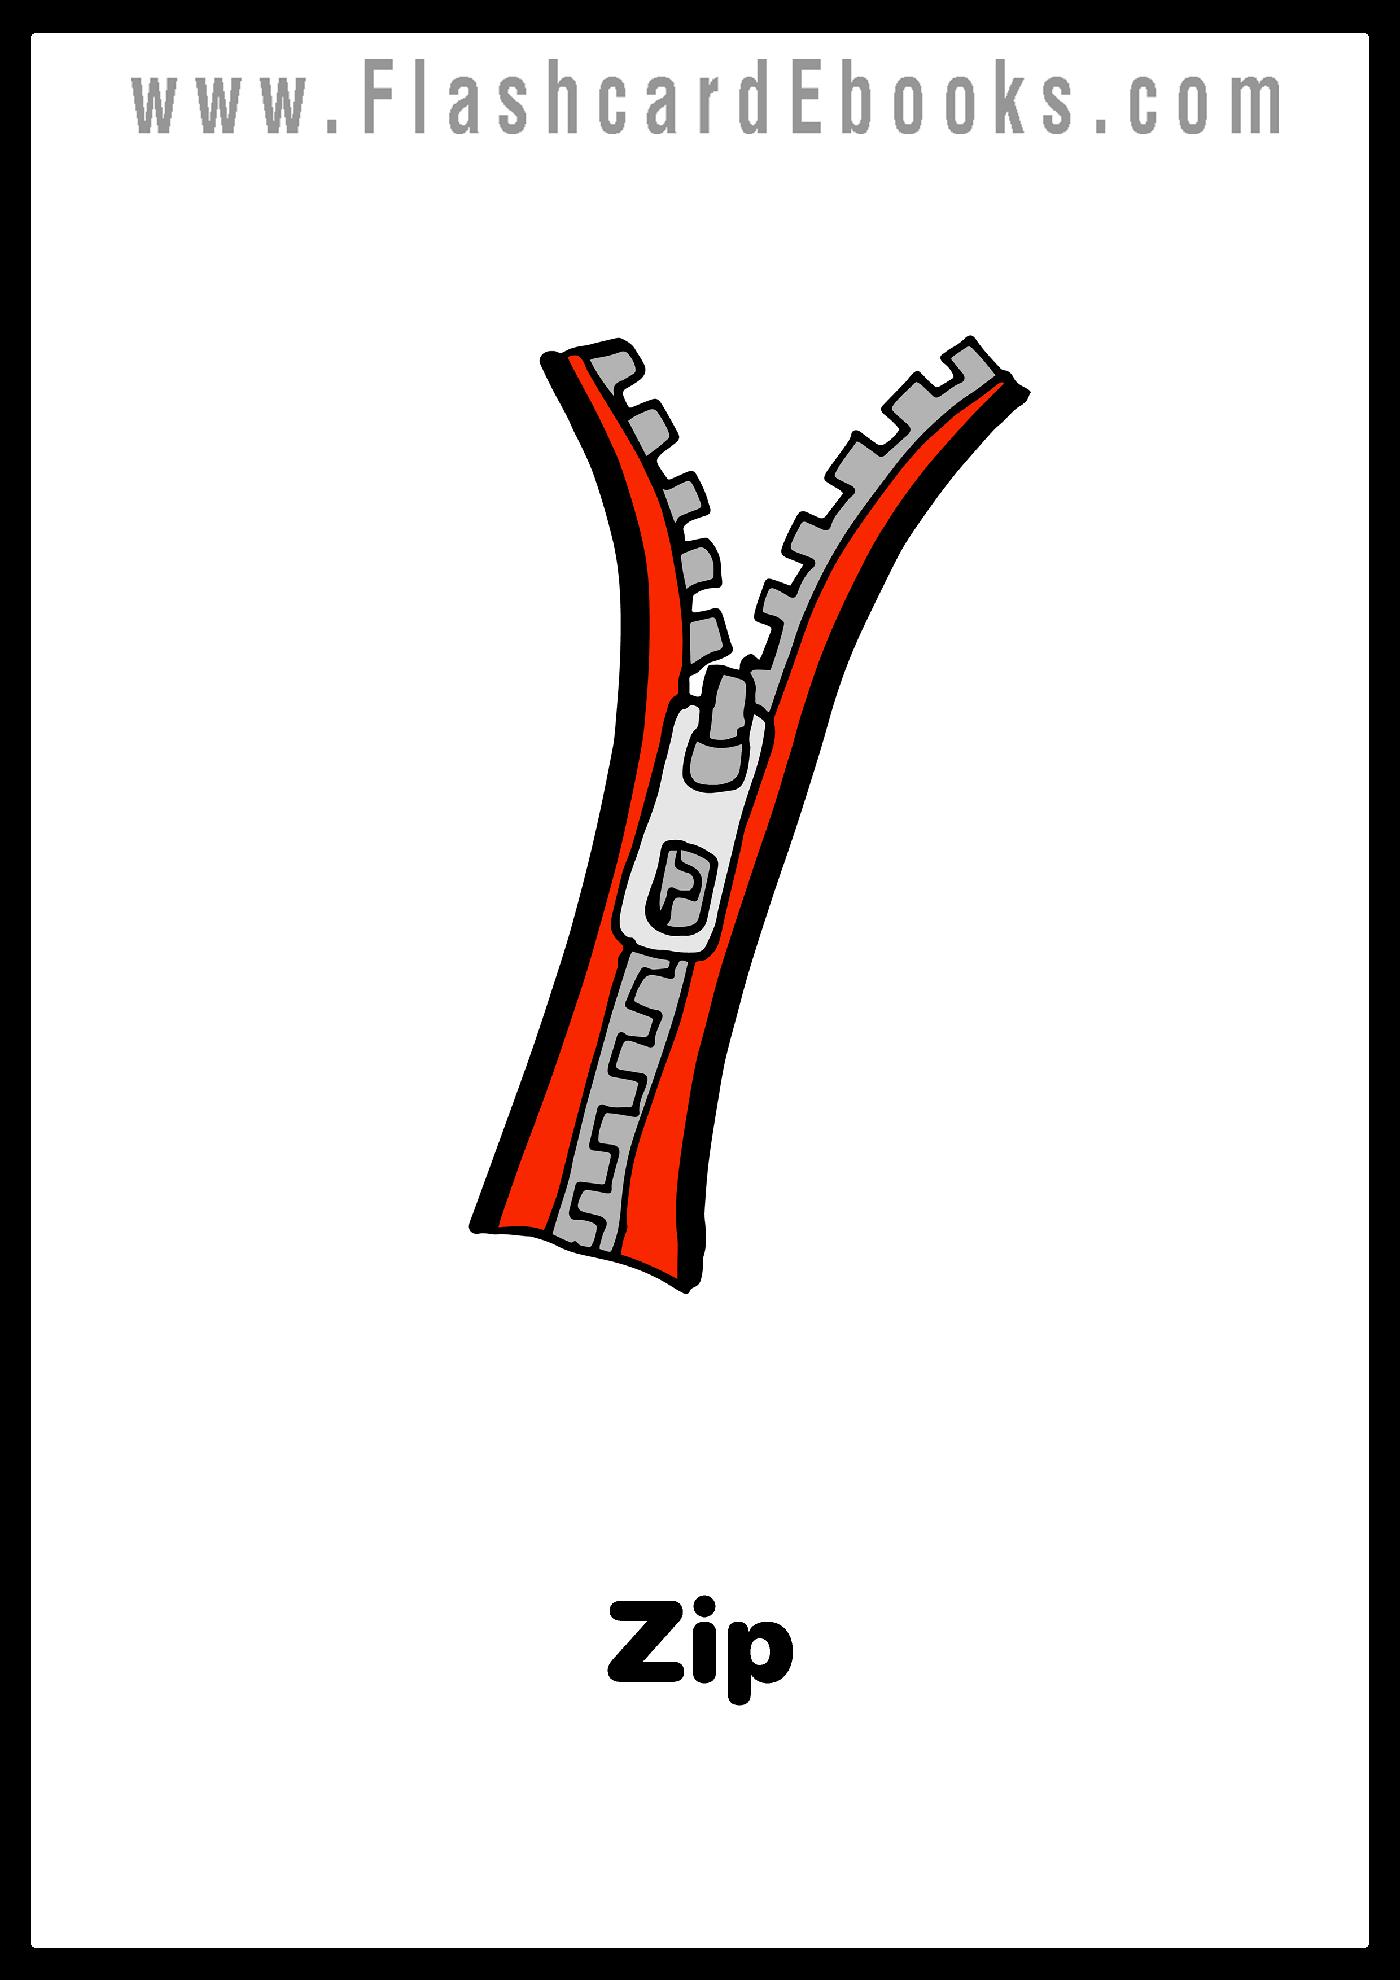 English Flashcard Kindle Zipper Zip